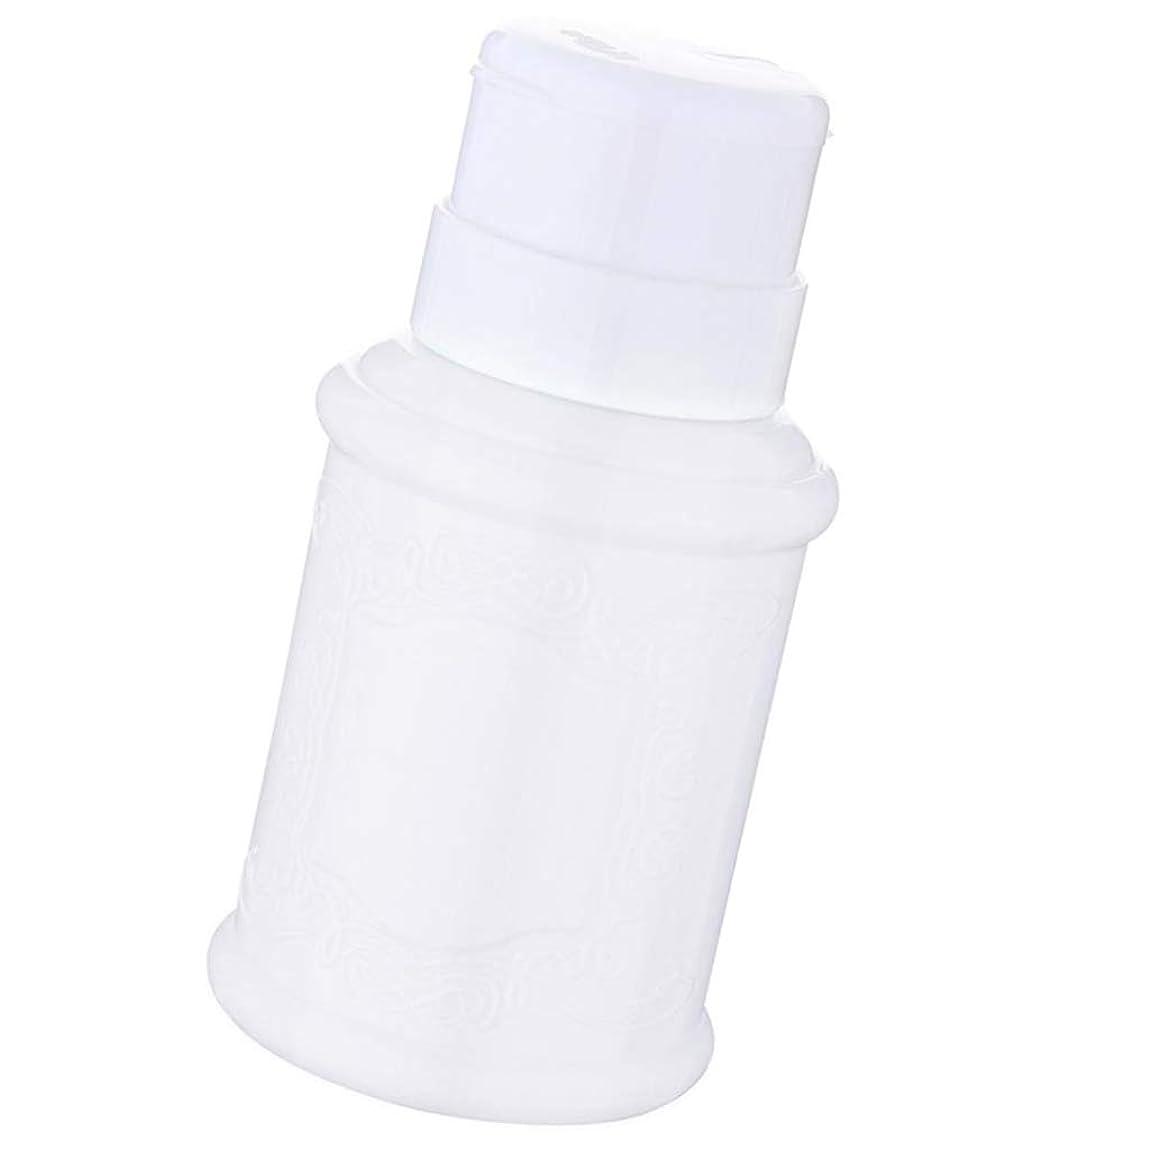 ピンポイント動機付ける種をまくSM SunniMix 空ポンプ ボトル ネイルクリーナーボトル ポンプディスペンサー ジェルクリーナー 全3色 - 白